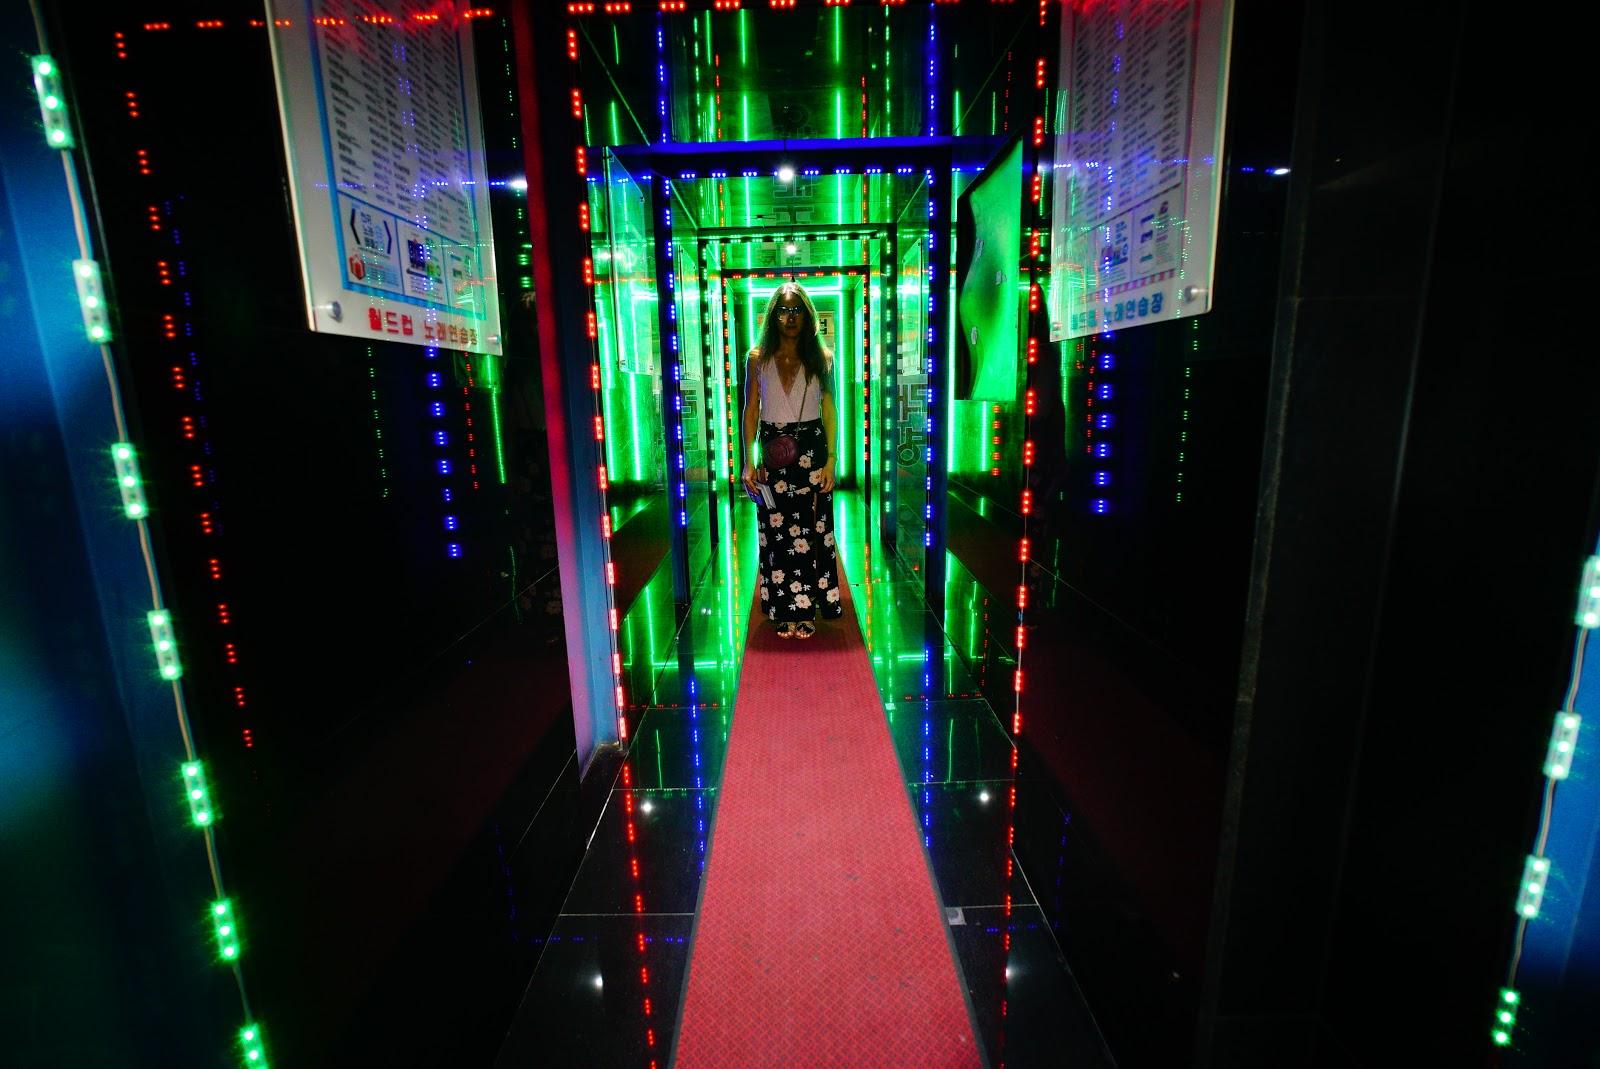 ikseon-dong neon lights